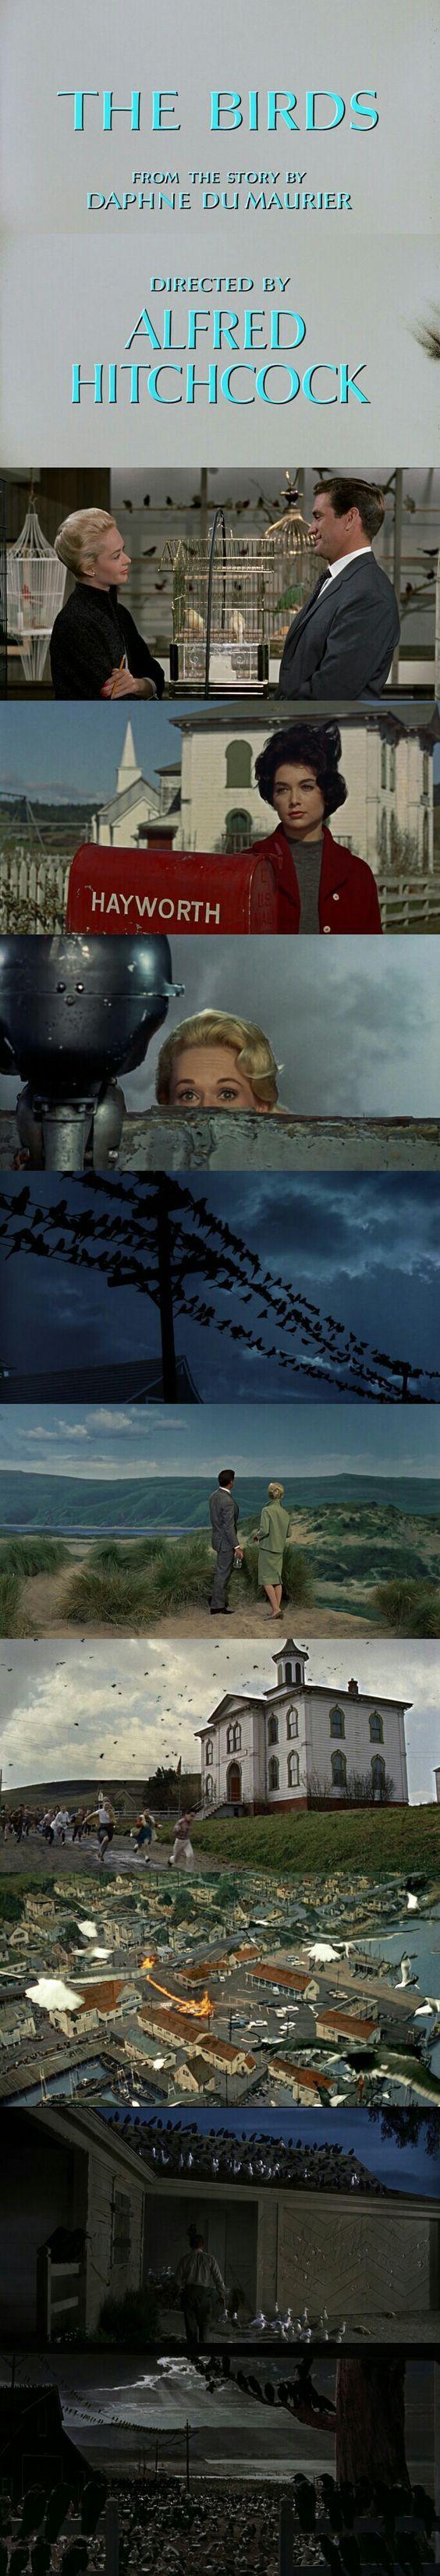 Cenas do filme Os Pássaros, de Alfred Hitchcock. 10 filmes de terror. O cinema disposto em todas as suas formas. Análises desde os clássicos até as novidades que permeiam a sétima arte. Críticas de filmes e matérias especiais todos os dias. #filme #filmes #clássico #cinema #ator #atriz